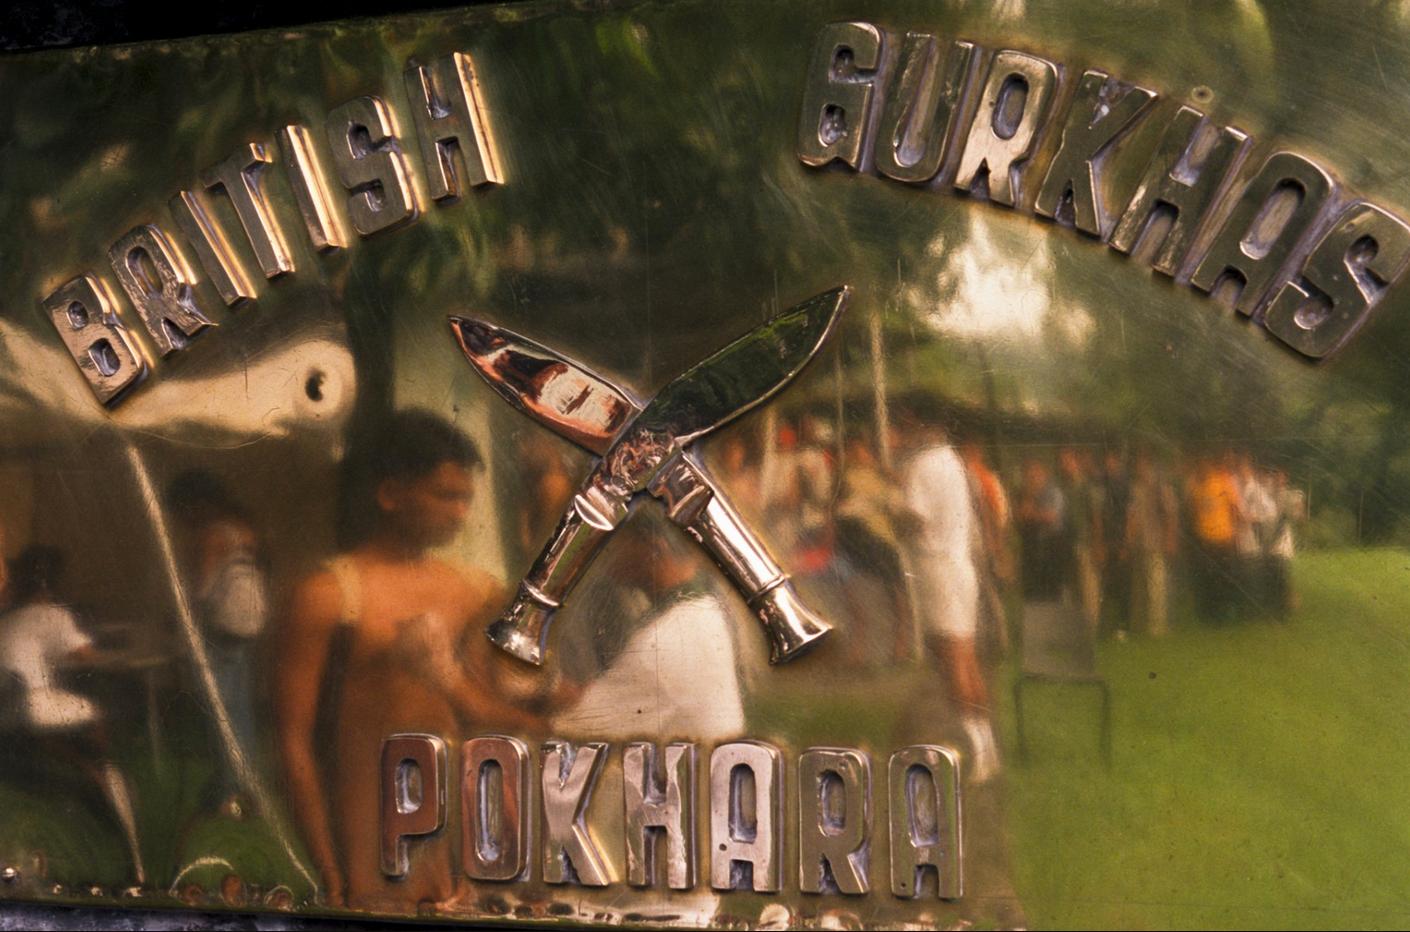 Registration__Pokhara__Nepal